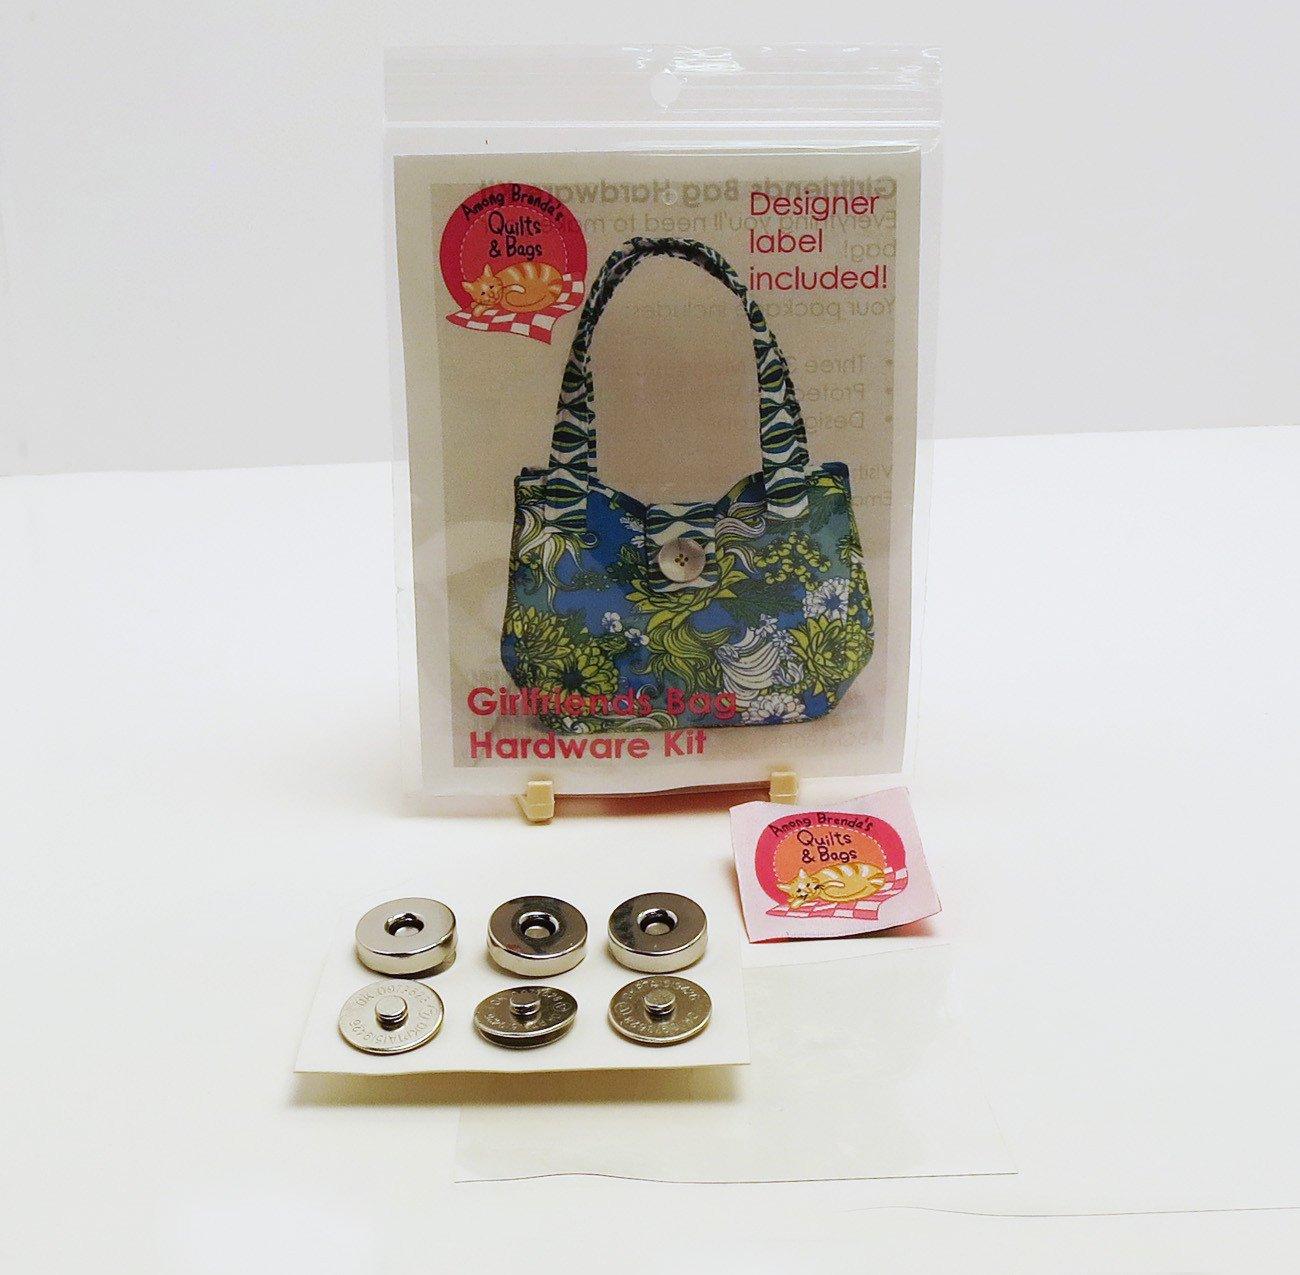 Girlfriend Bag - Hardware Kit